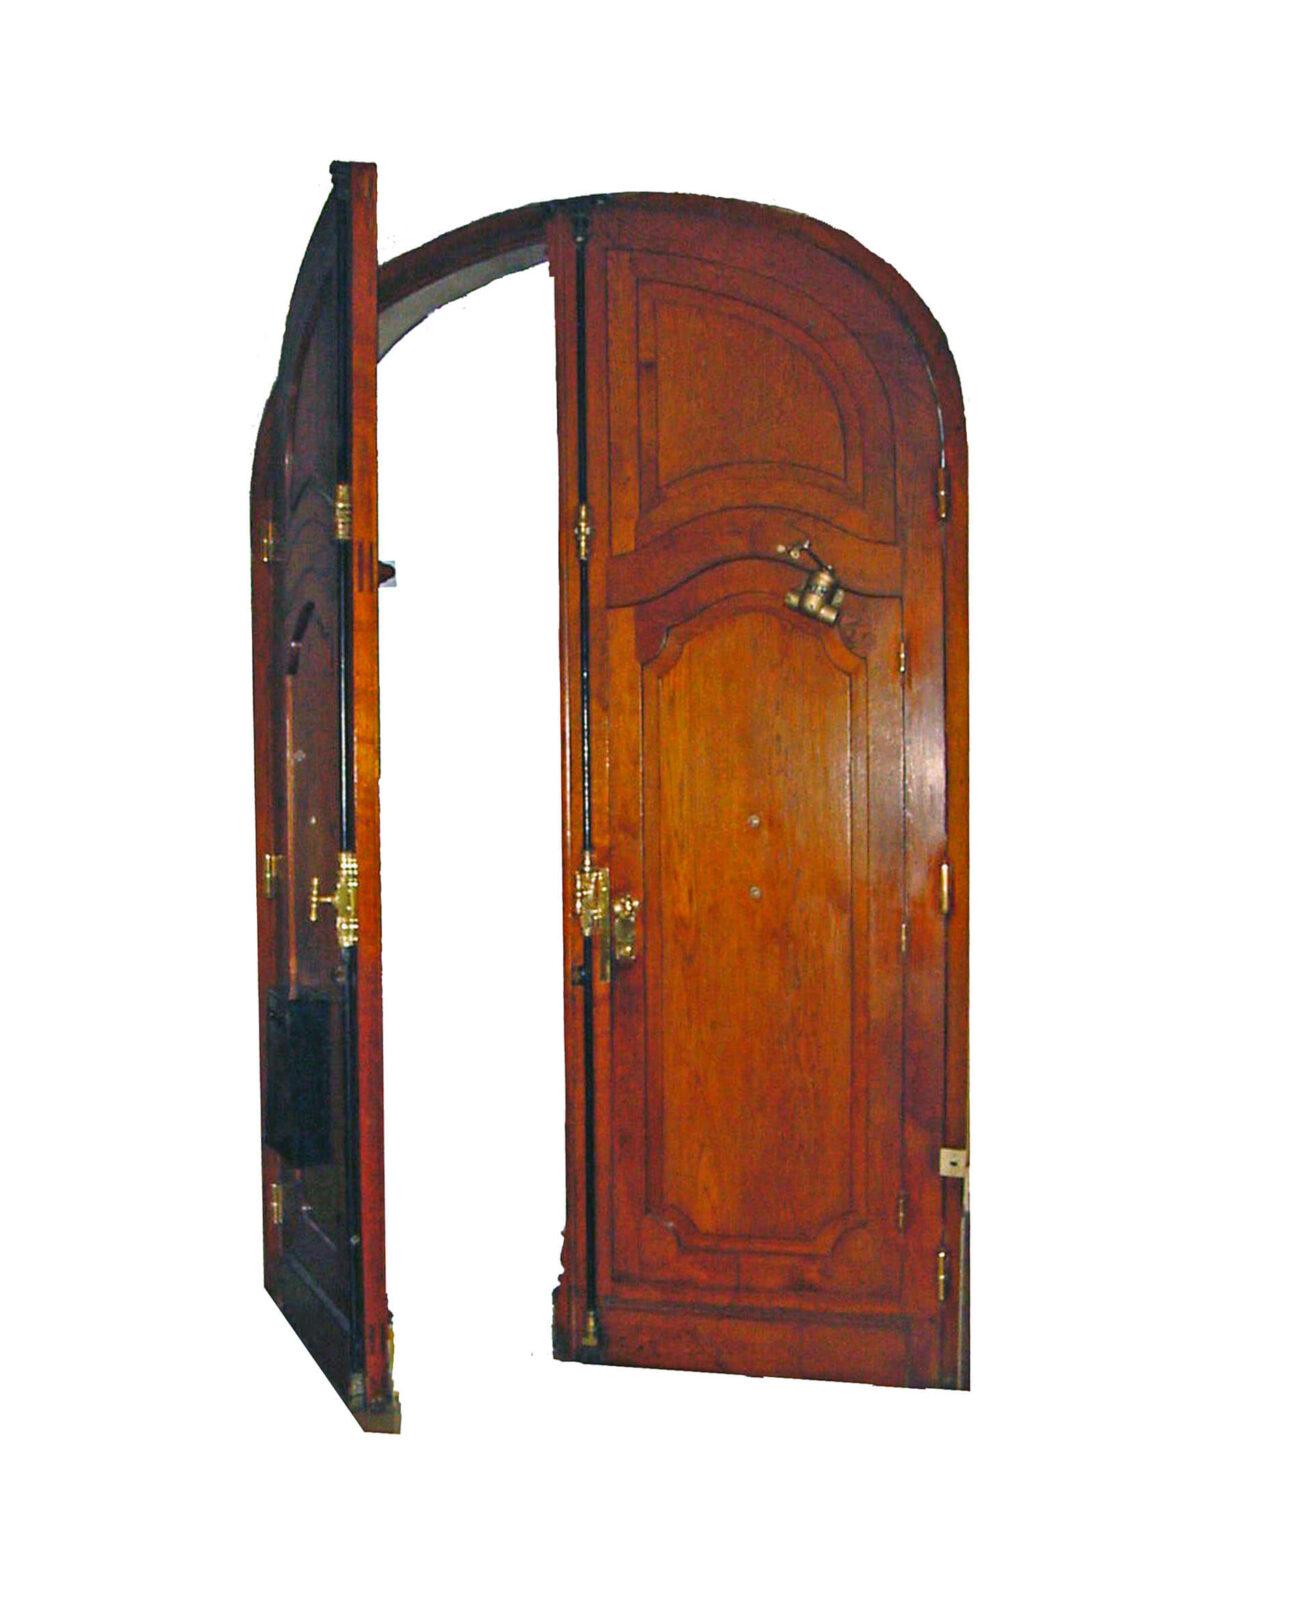 BIG PINE KEY MAHOGANY DOOR INTERIOR.